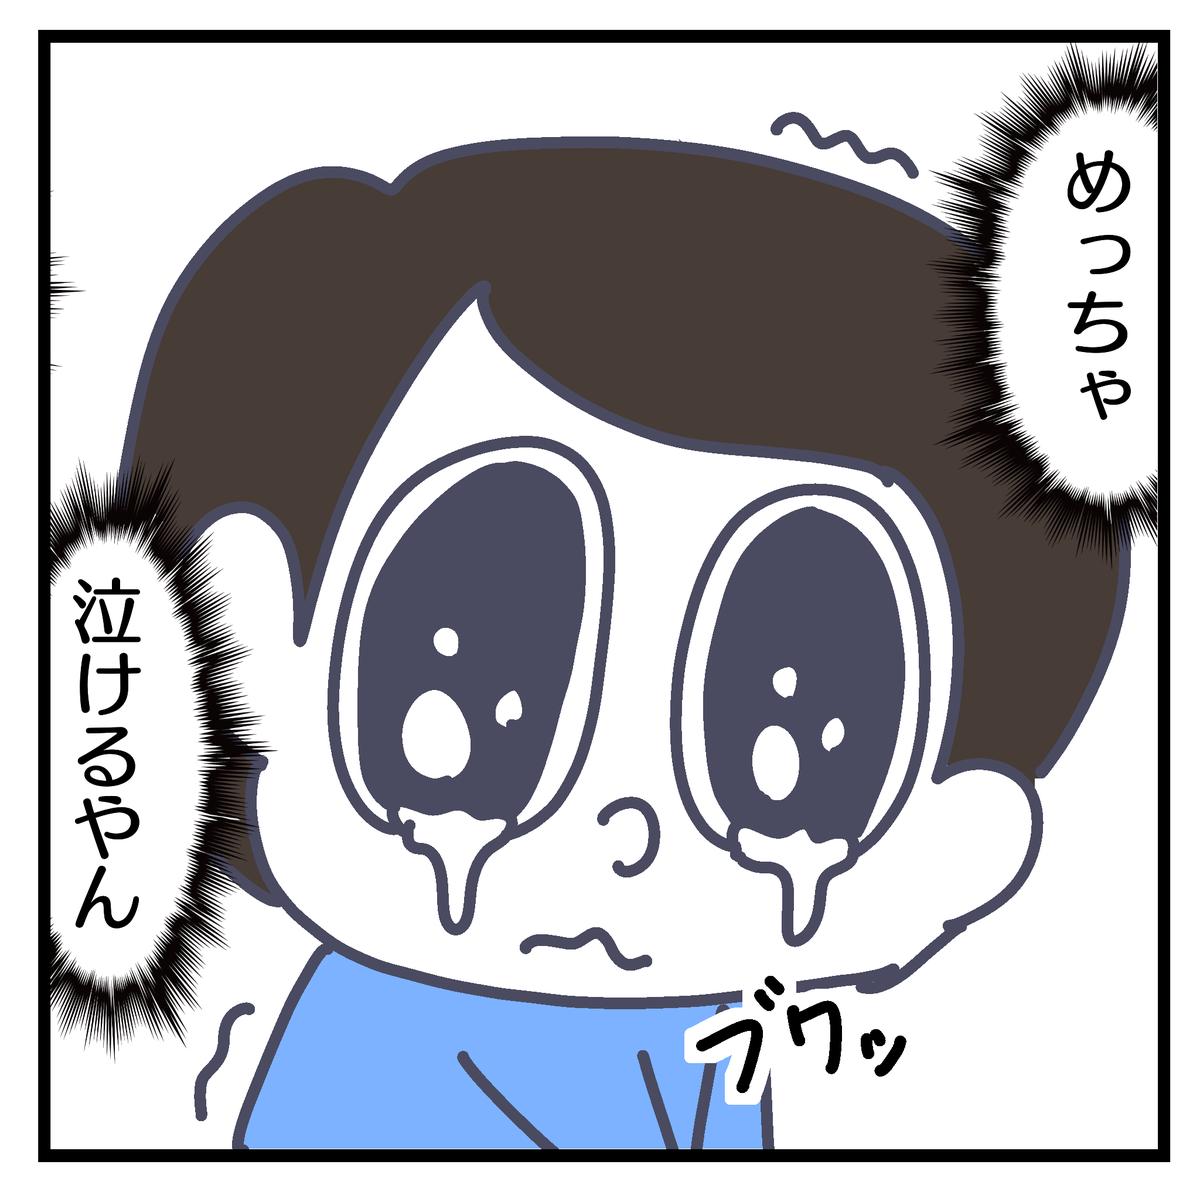 f:id:YuruFuwaTa:20200605113205p:plain